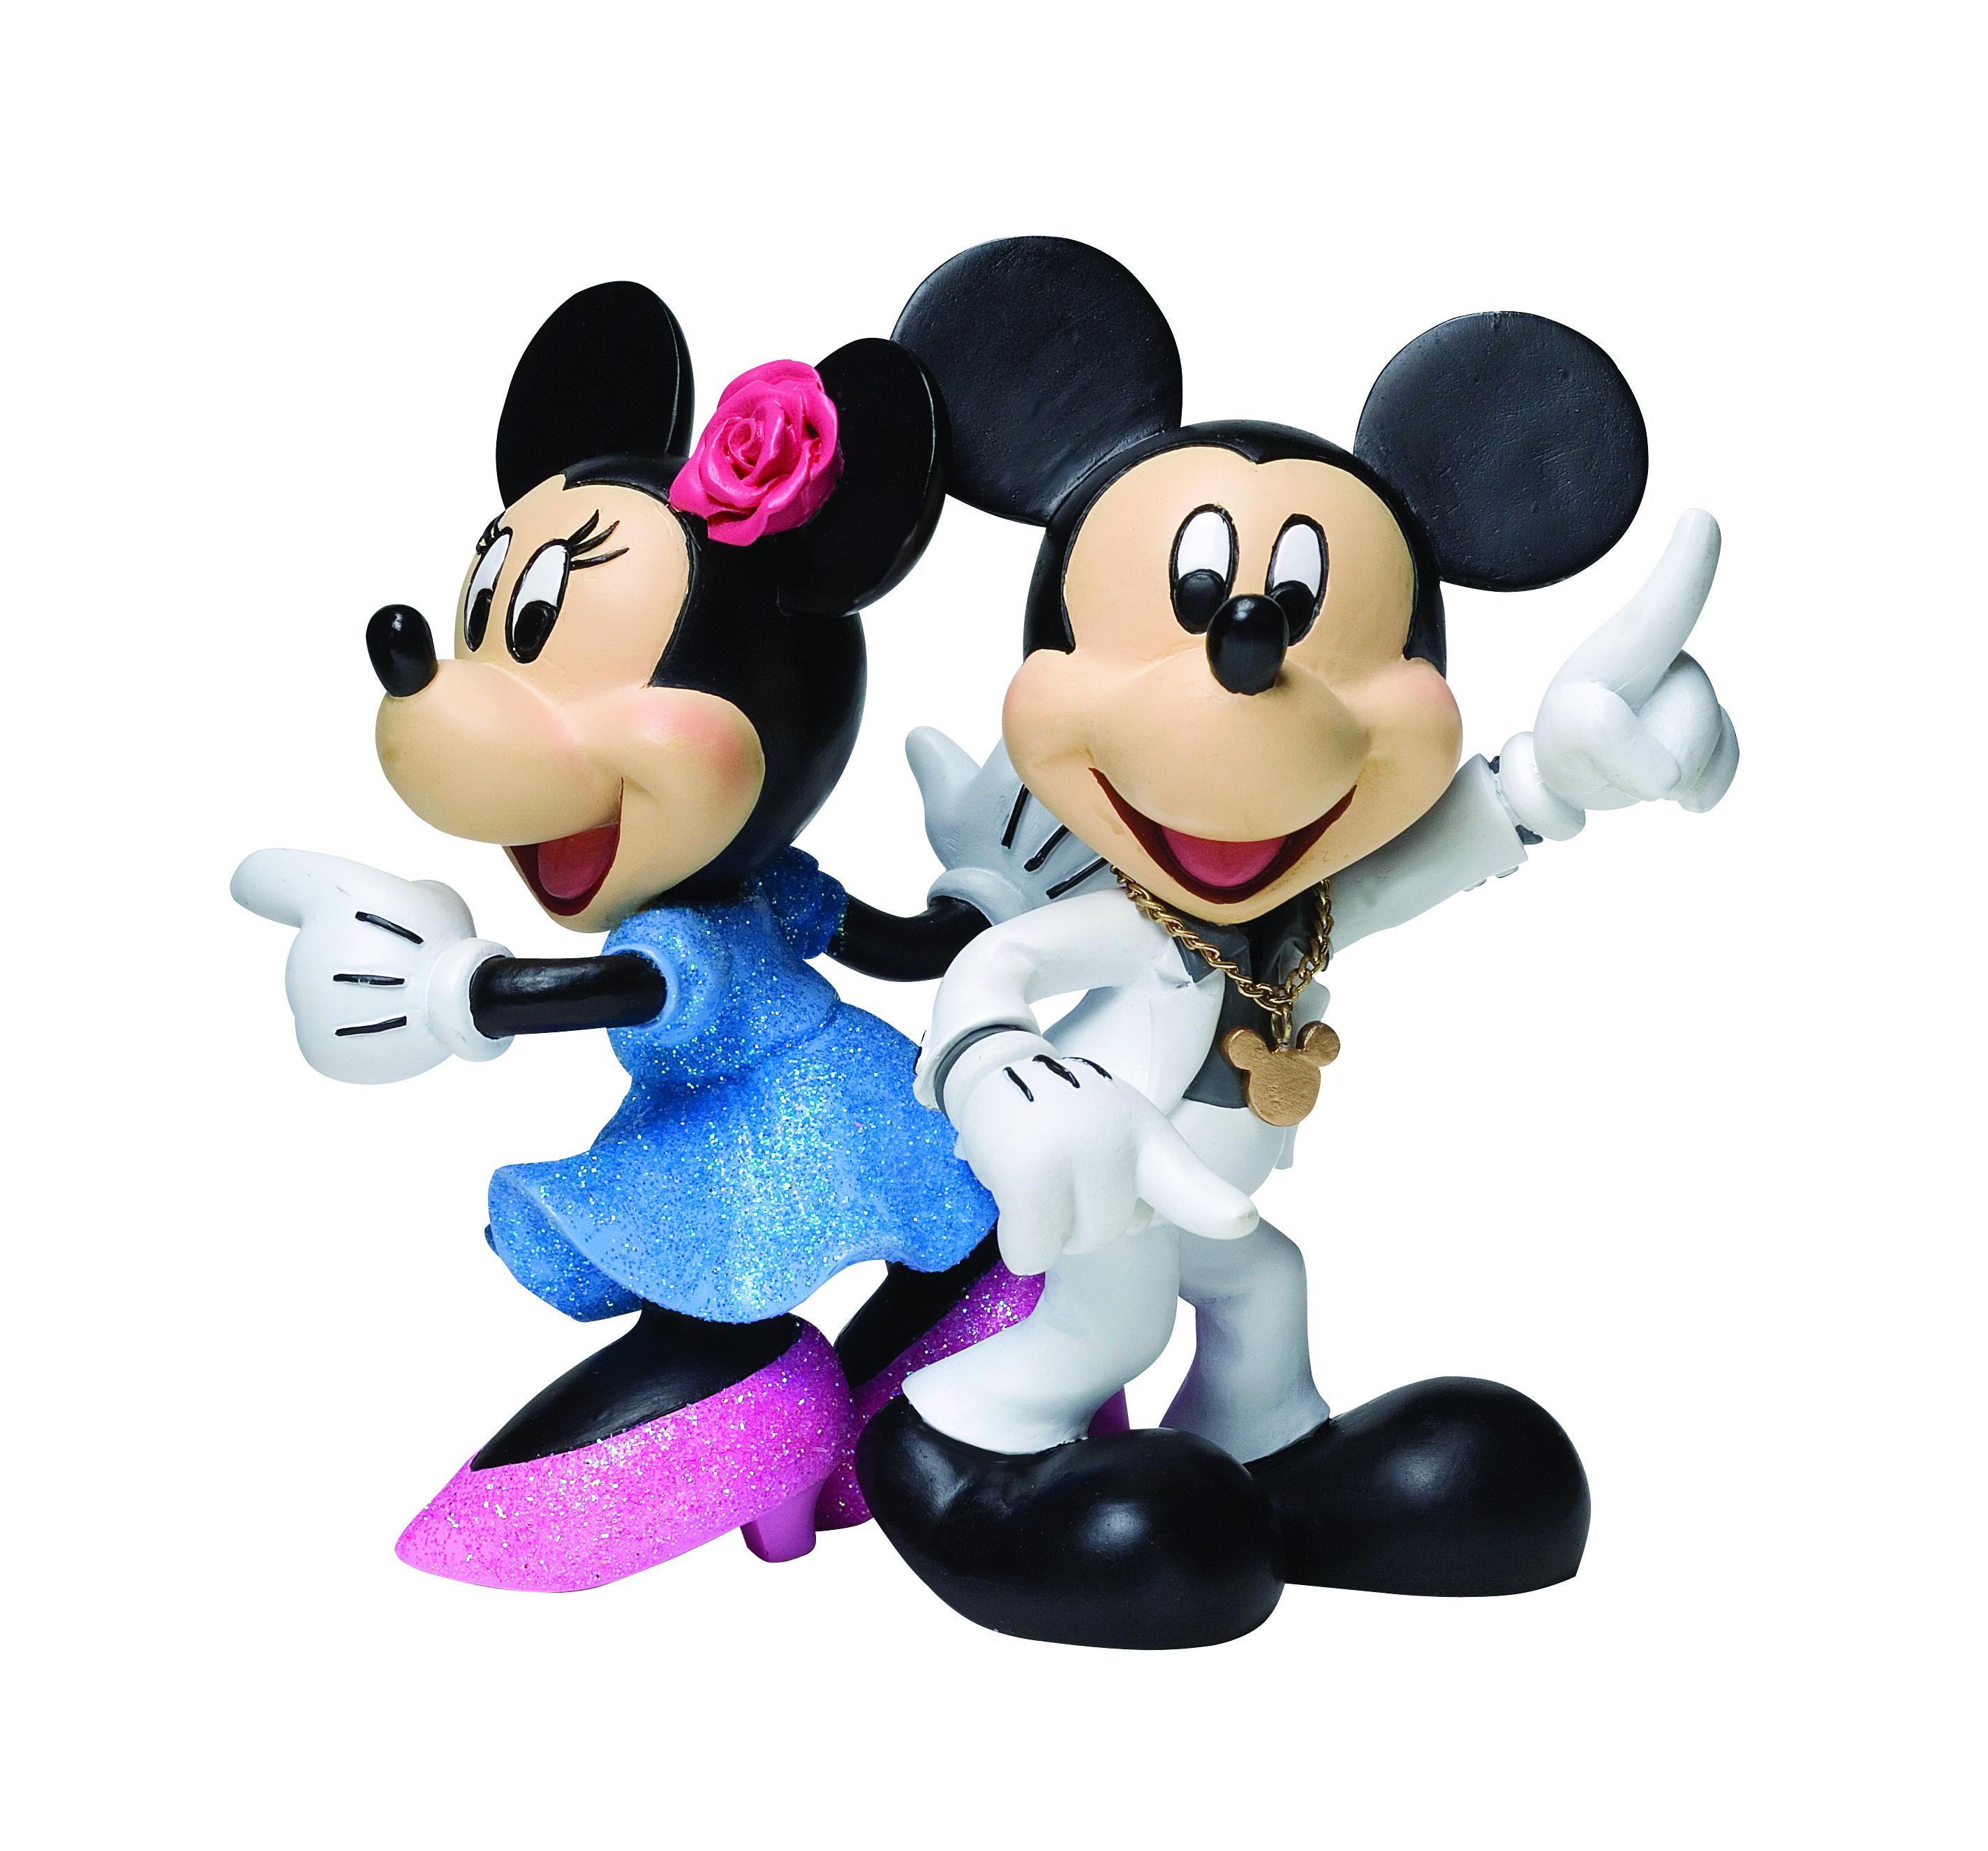 MAR111806 - DISNEY SHOWCASE MICKEY MINNIE DISCO FIGURINE - Previews ...